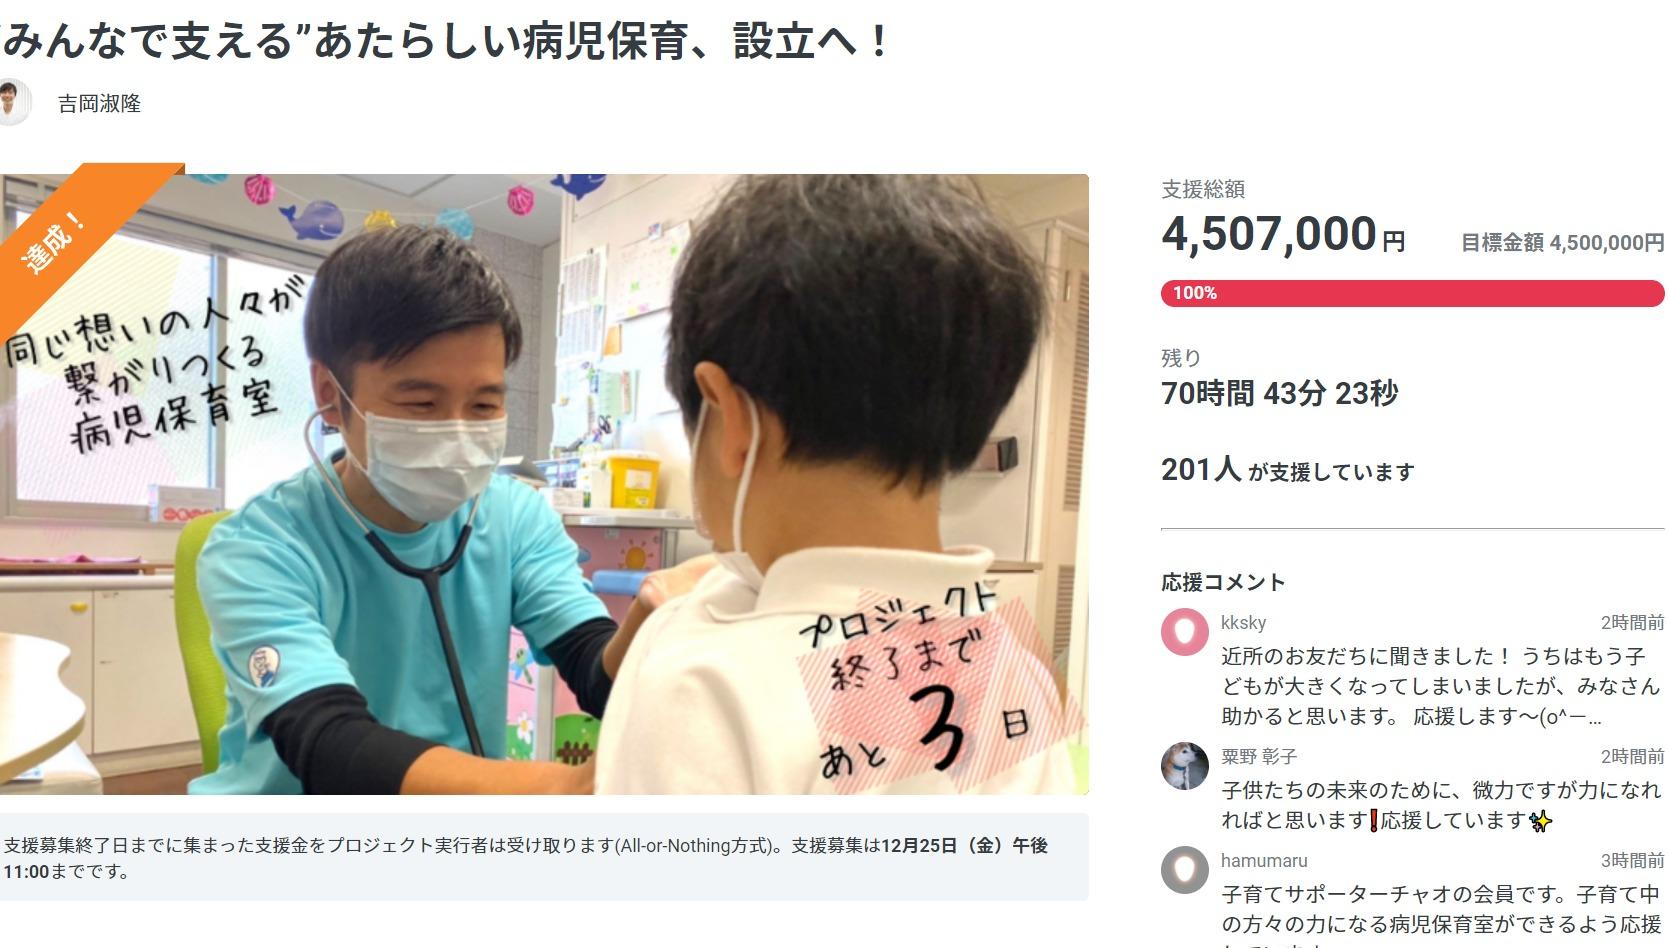 つむぎのおうちクラウドファンディング目標達成!